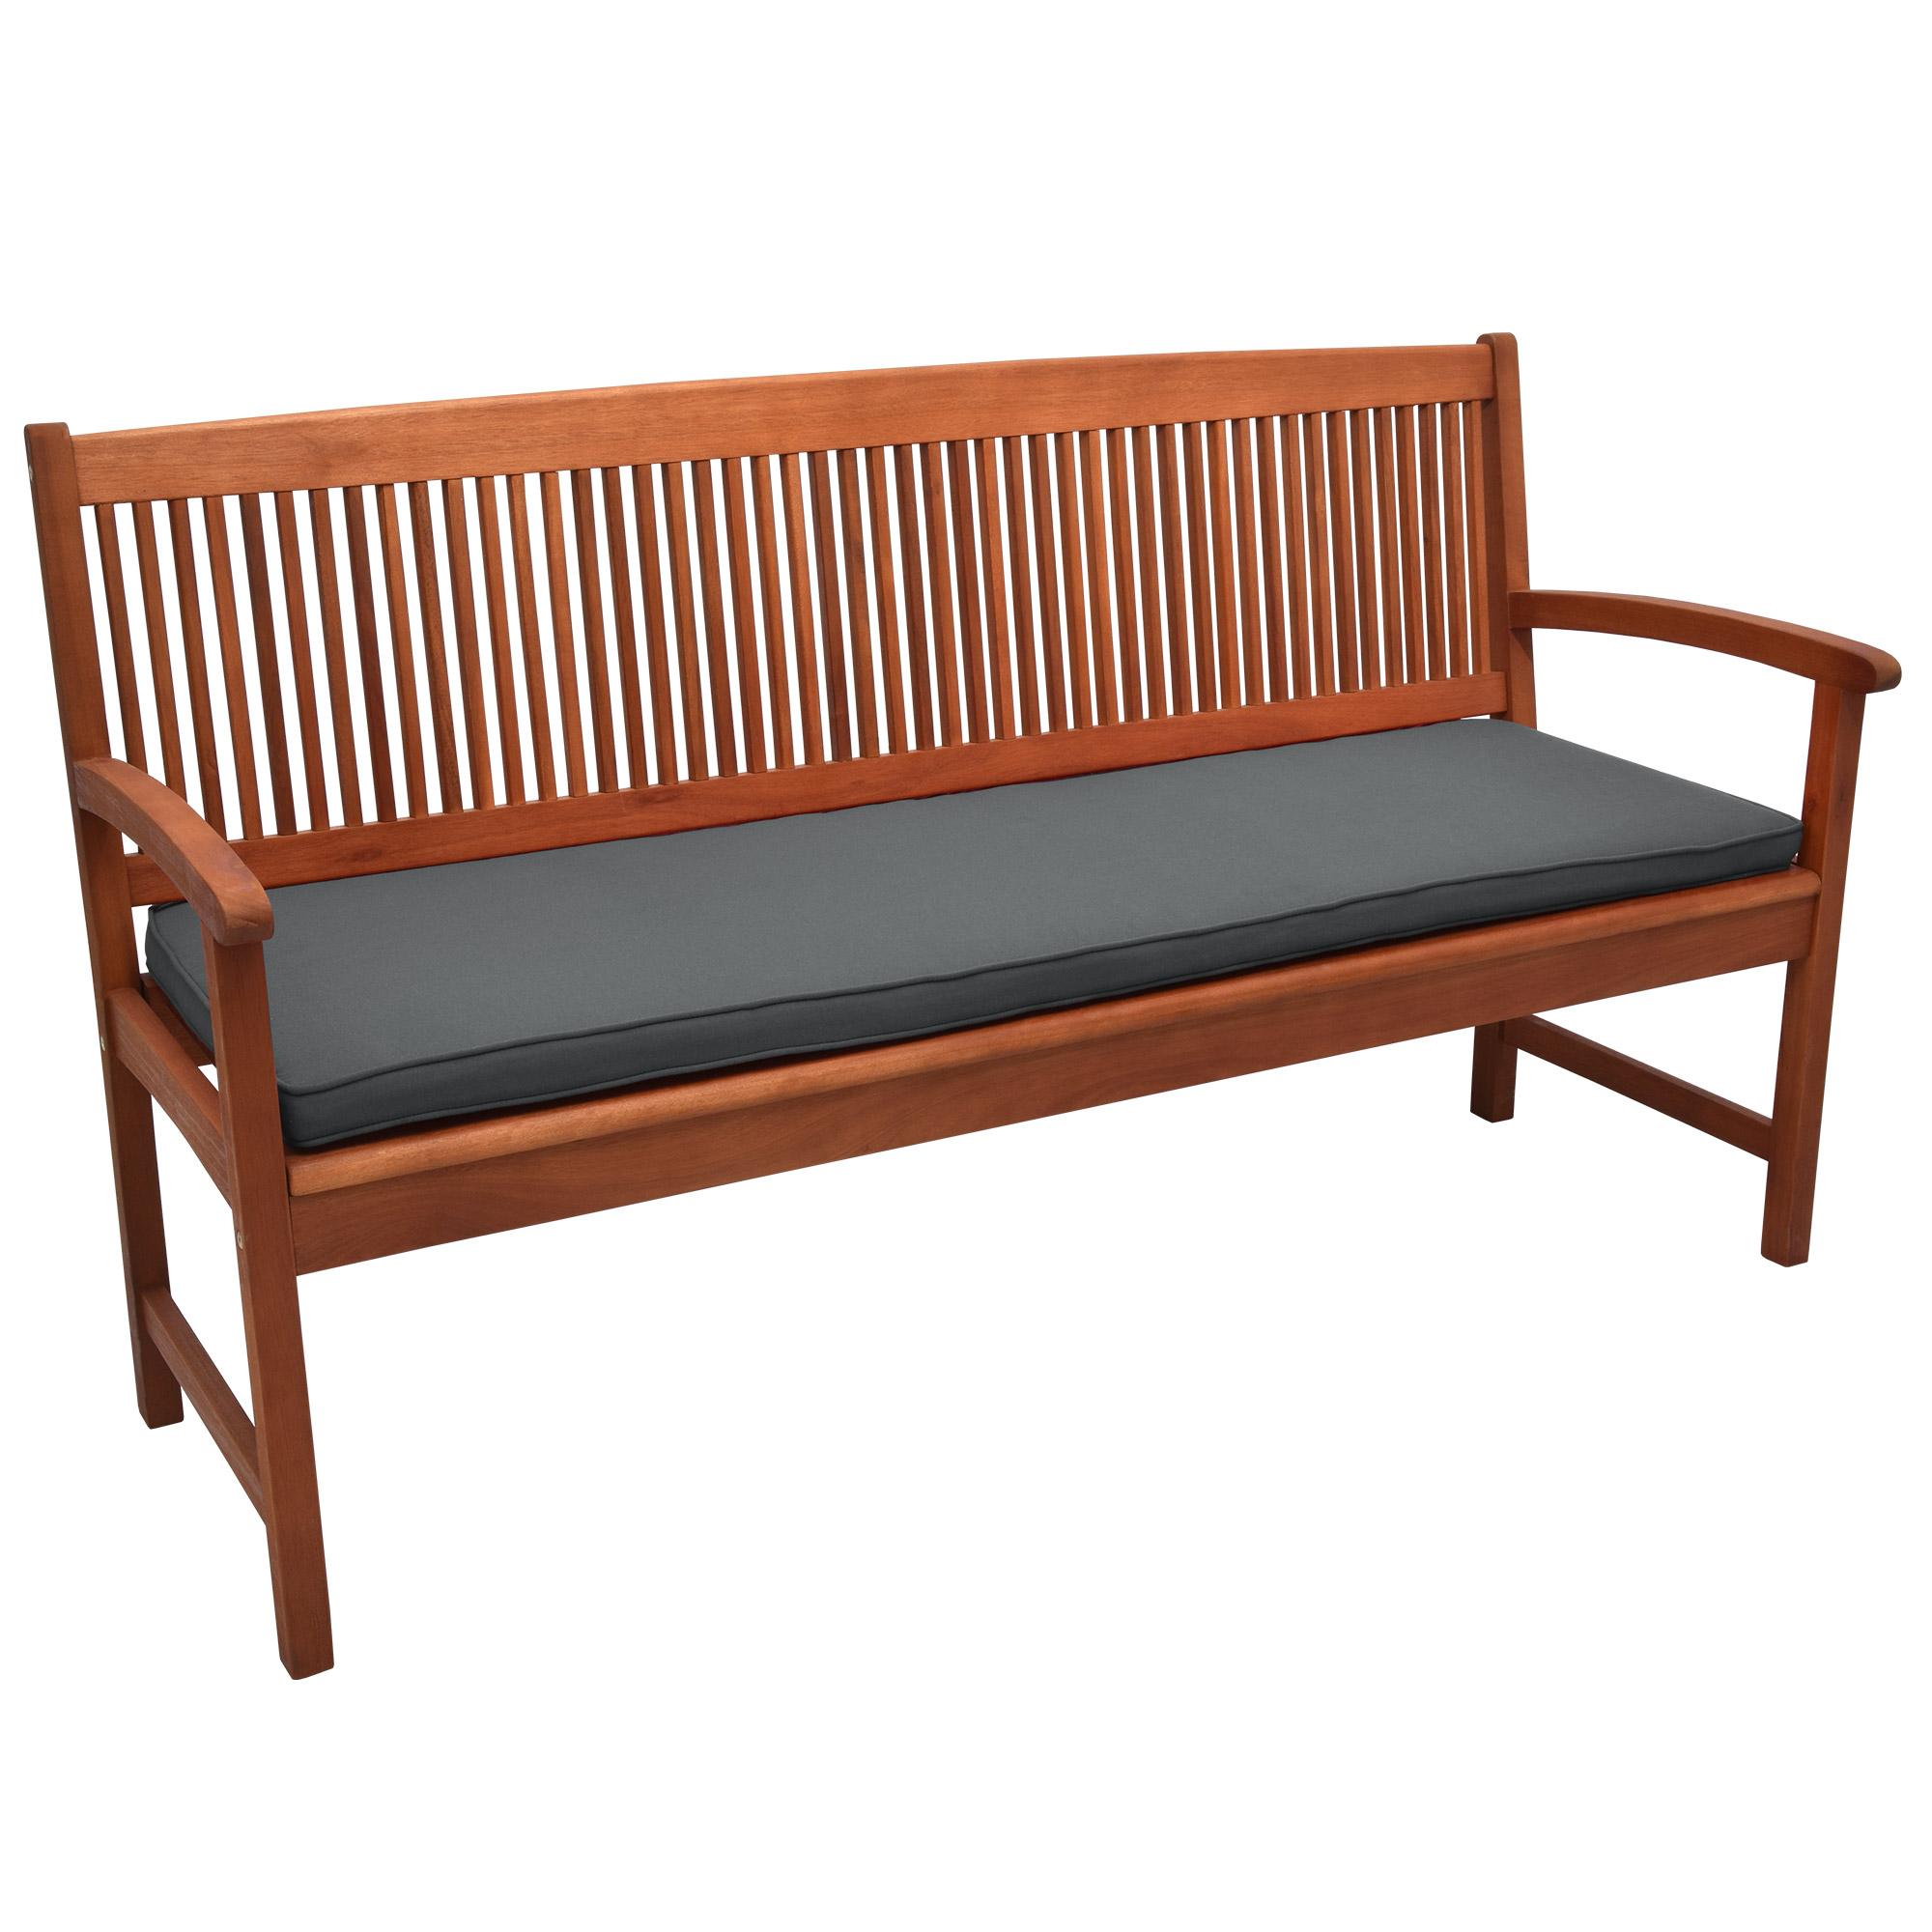 bankkissen bankauflage bankpolster sitzpolster gartenbank auflage polsterauflage ebay. Black Bedroom Furniture Sets. Home Design Ideas